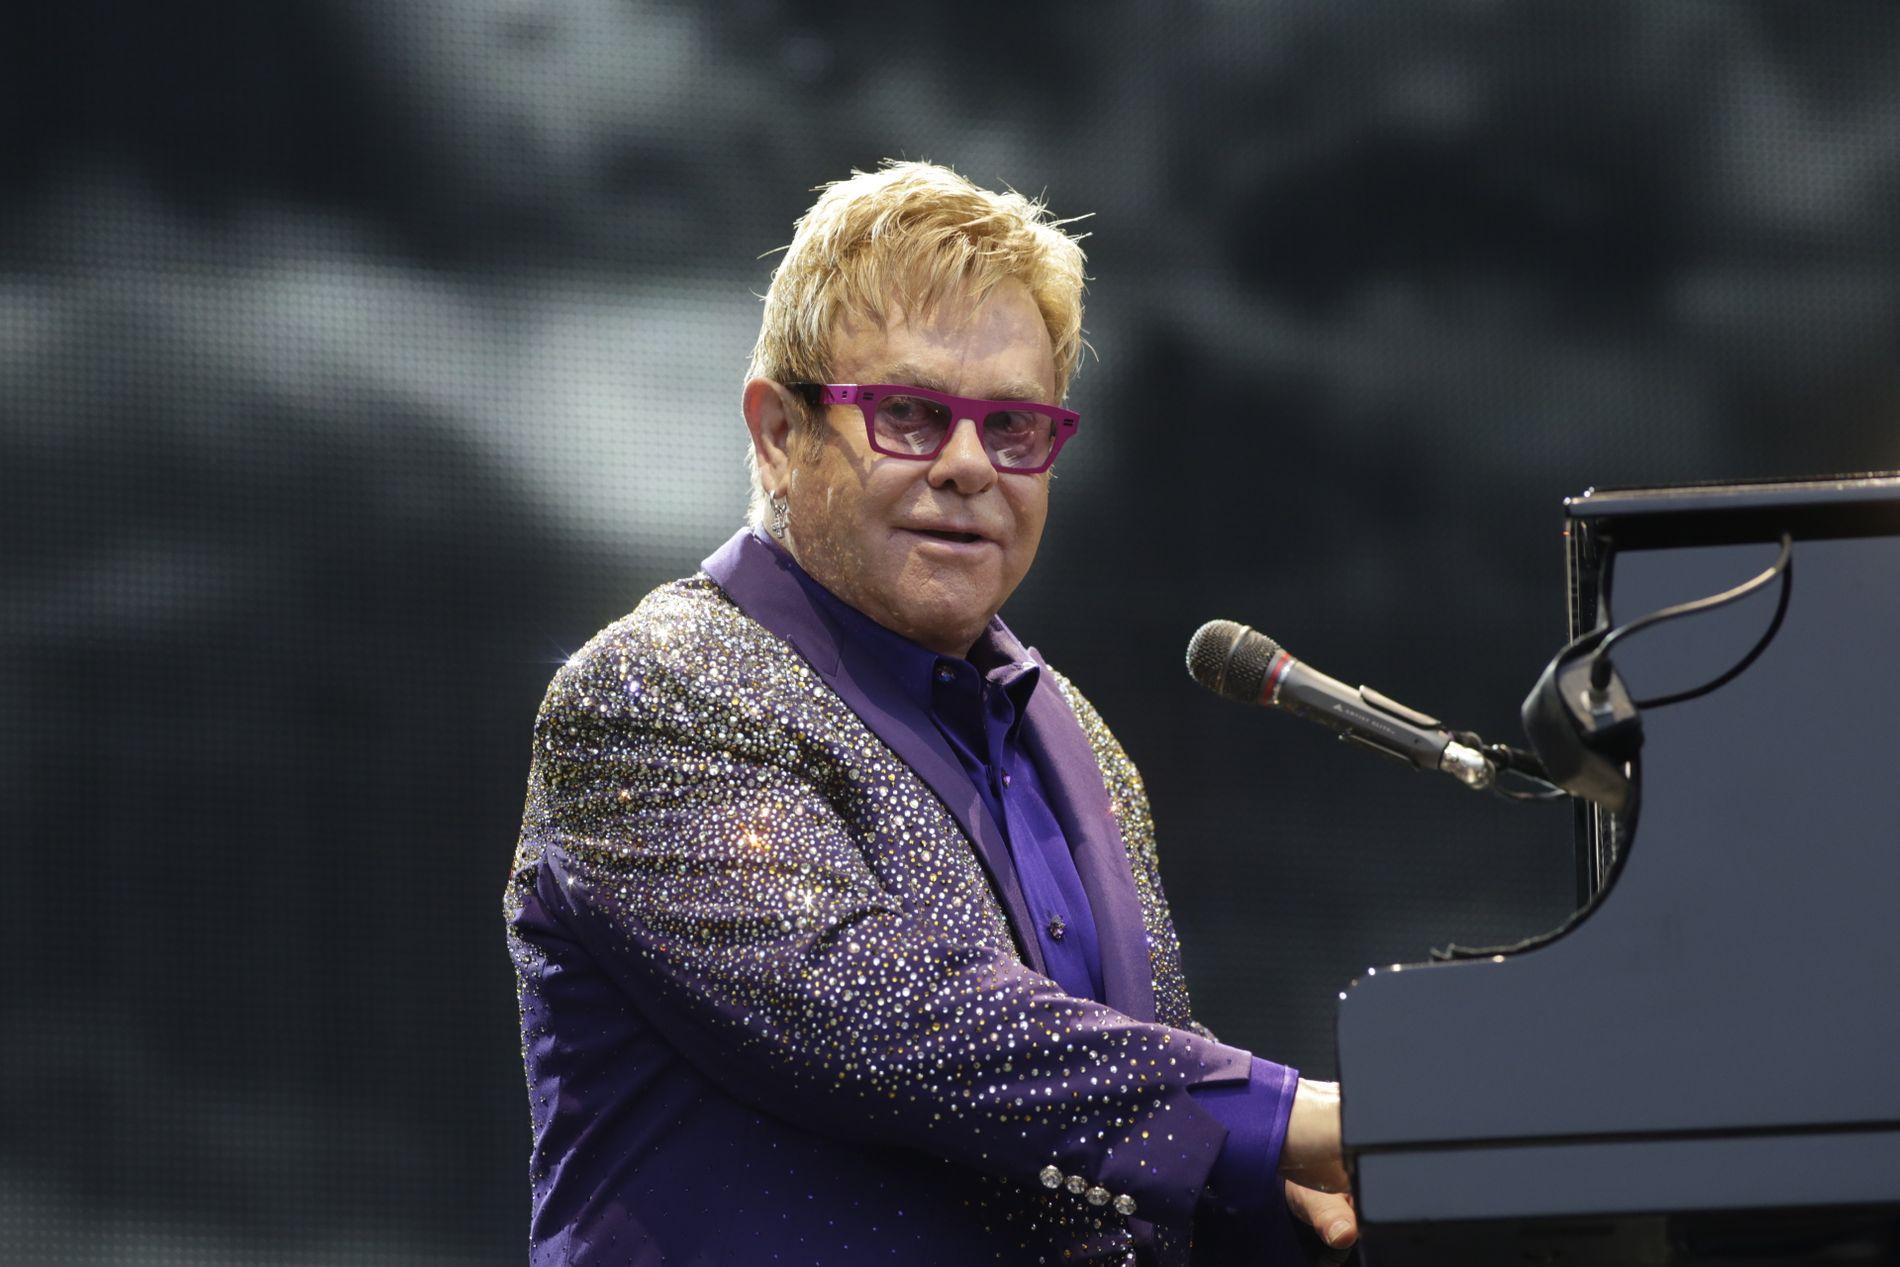 SPILLER: Nå er Elton John klar.